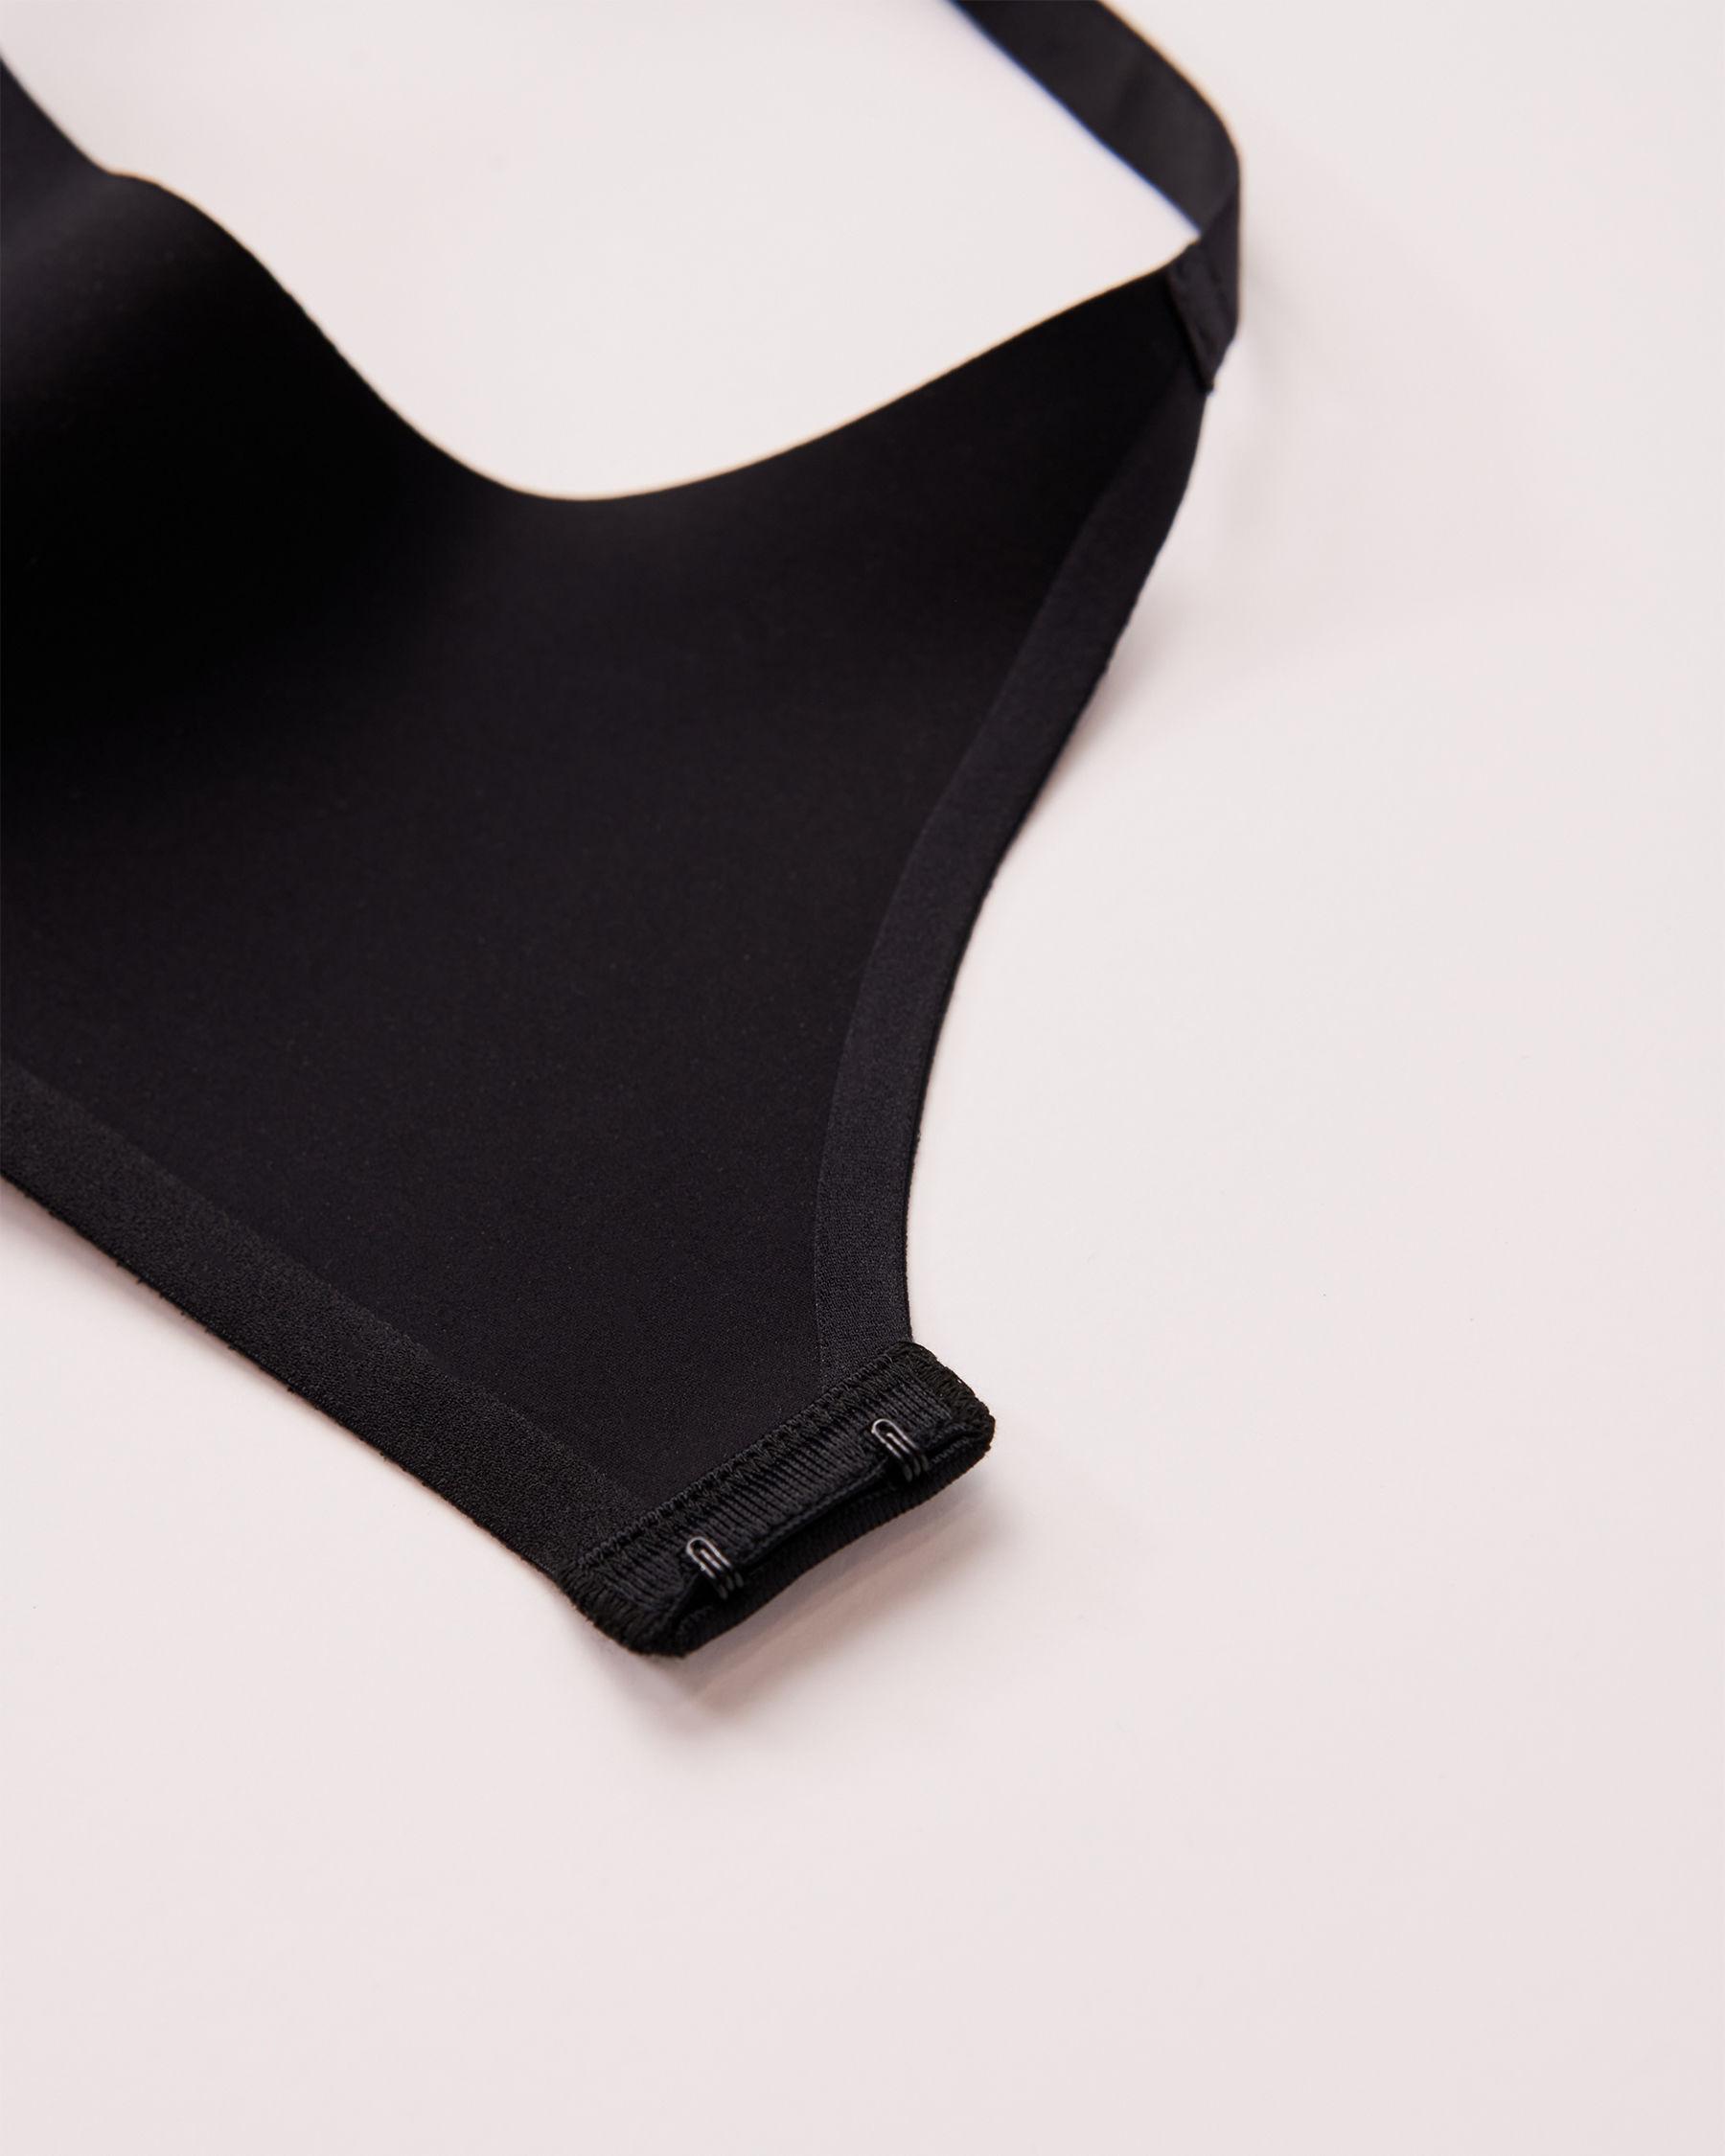 LA VIE EN ROSE Lightly Lined Wireless Sleek Back Bra Black 169-113-2-00 - View6